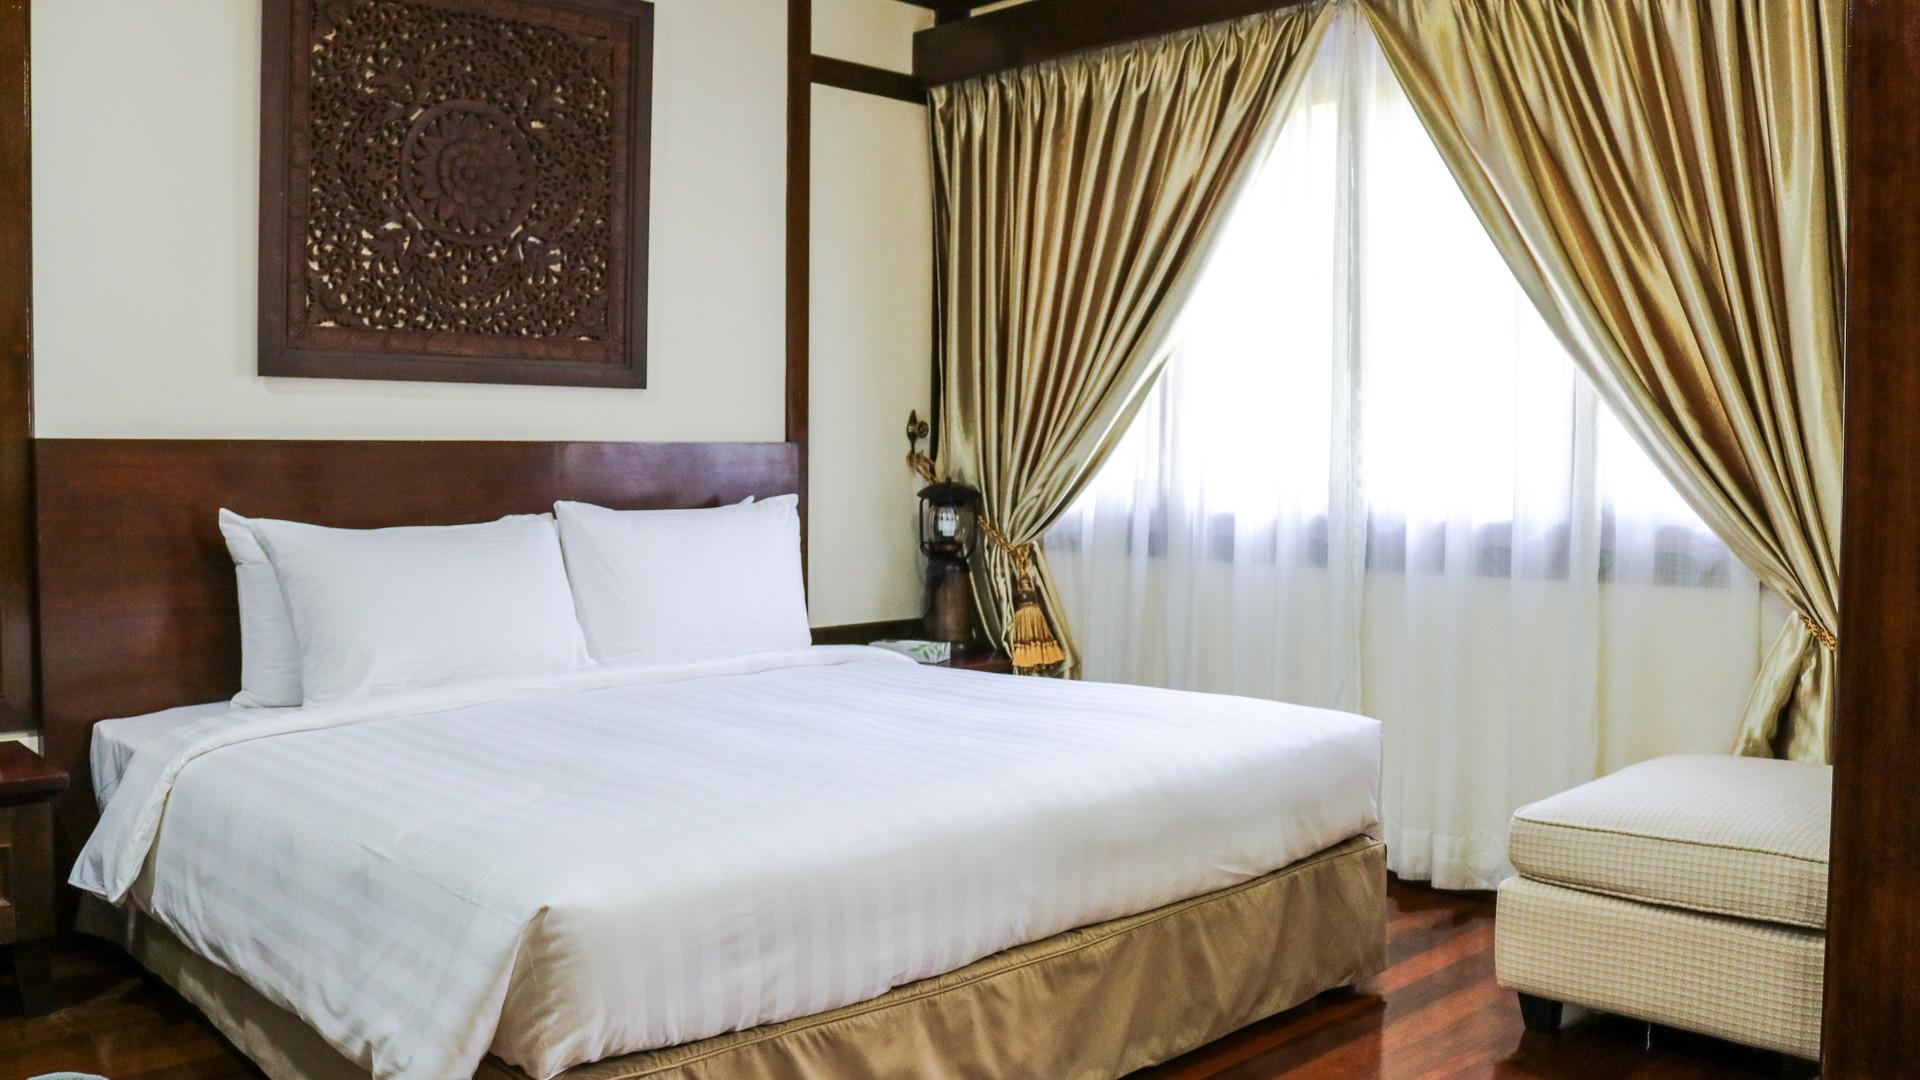 Cenderawasih suite 02 edited (1 of 1).jpg